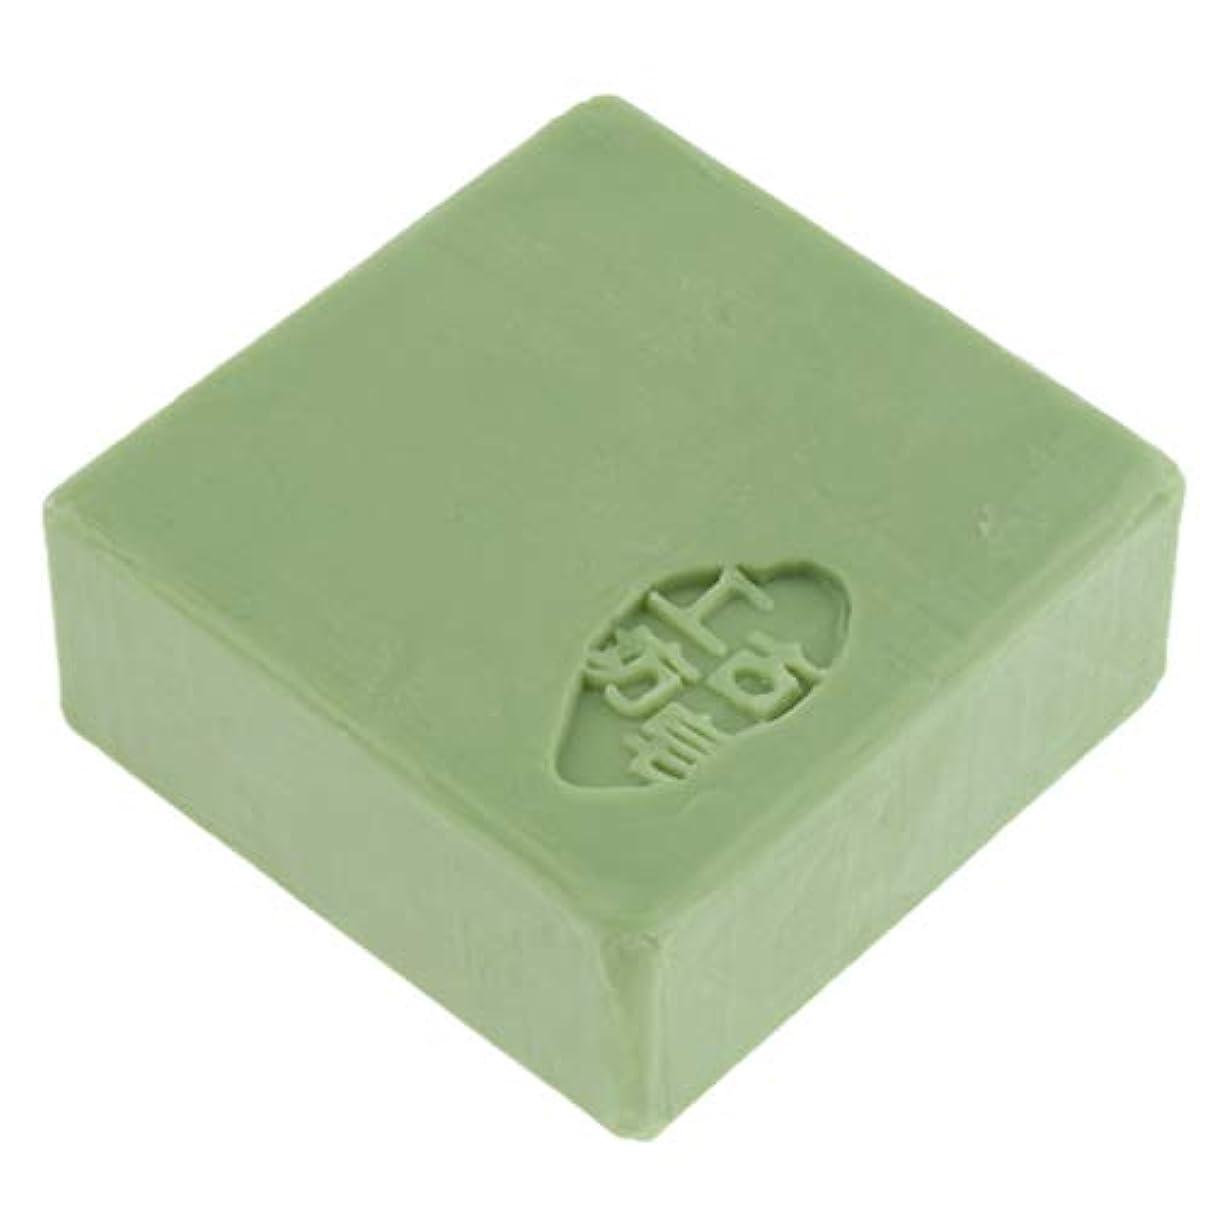 暗唱する写真撮影ミット全3色 バス スキンケア フェイス ボディソープ 石鹸 保湿 肌守り - 緑